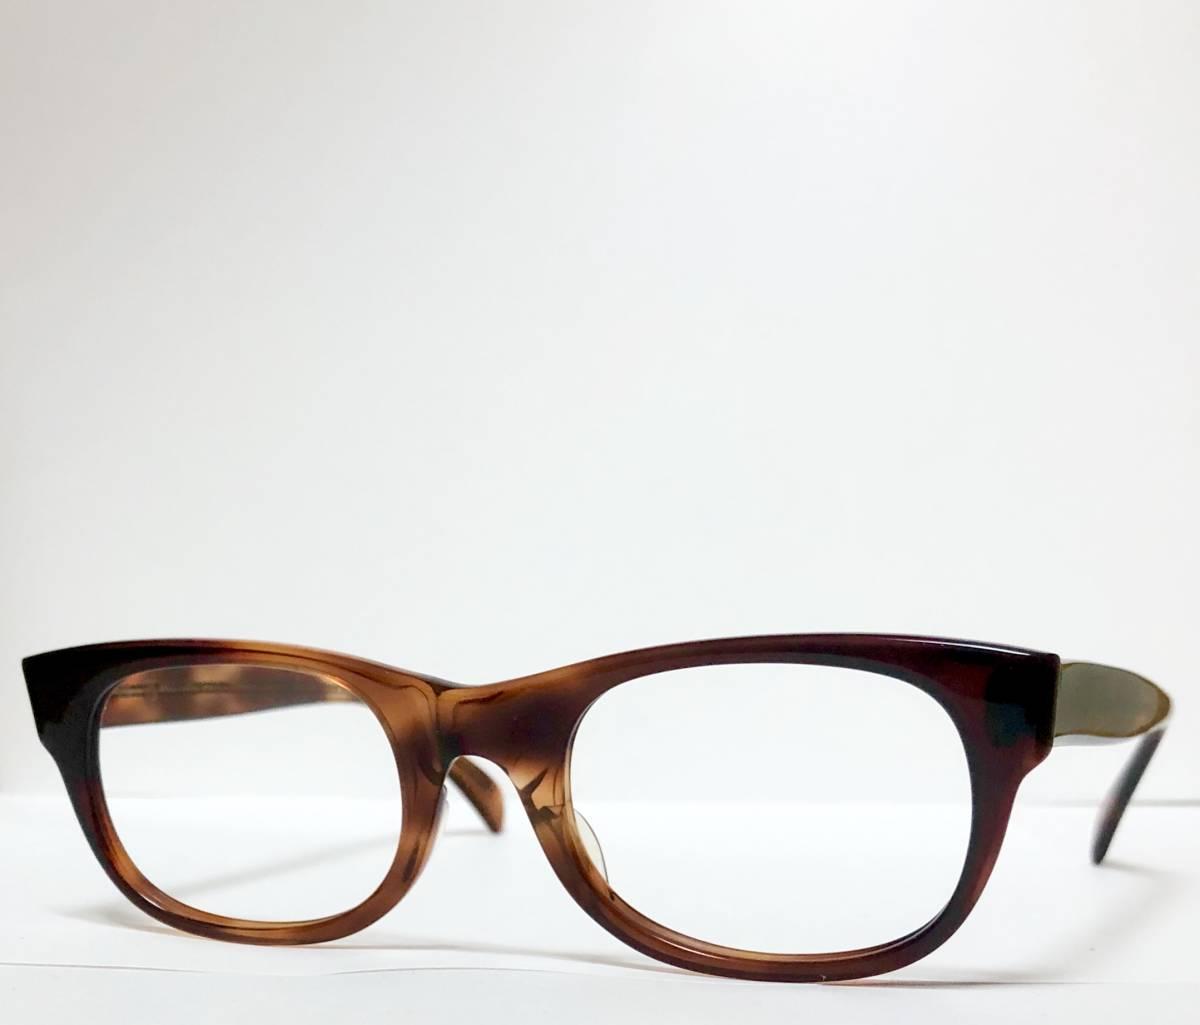 新品・1960年代頃】アメリカンオプティカル AO All純正 メガネ American Optical アンバー 米国製 ビンテージ ヴィンテージ _画像3